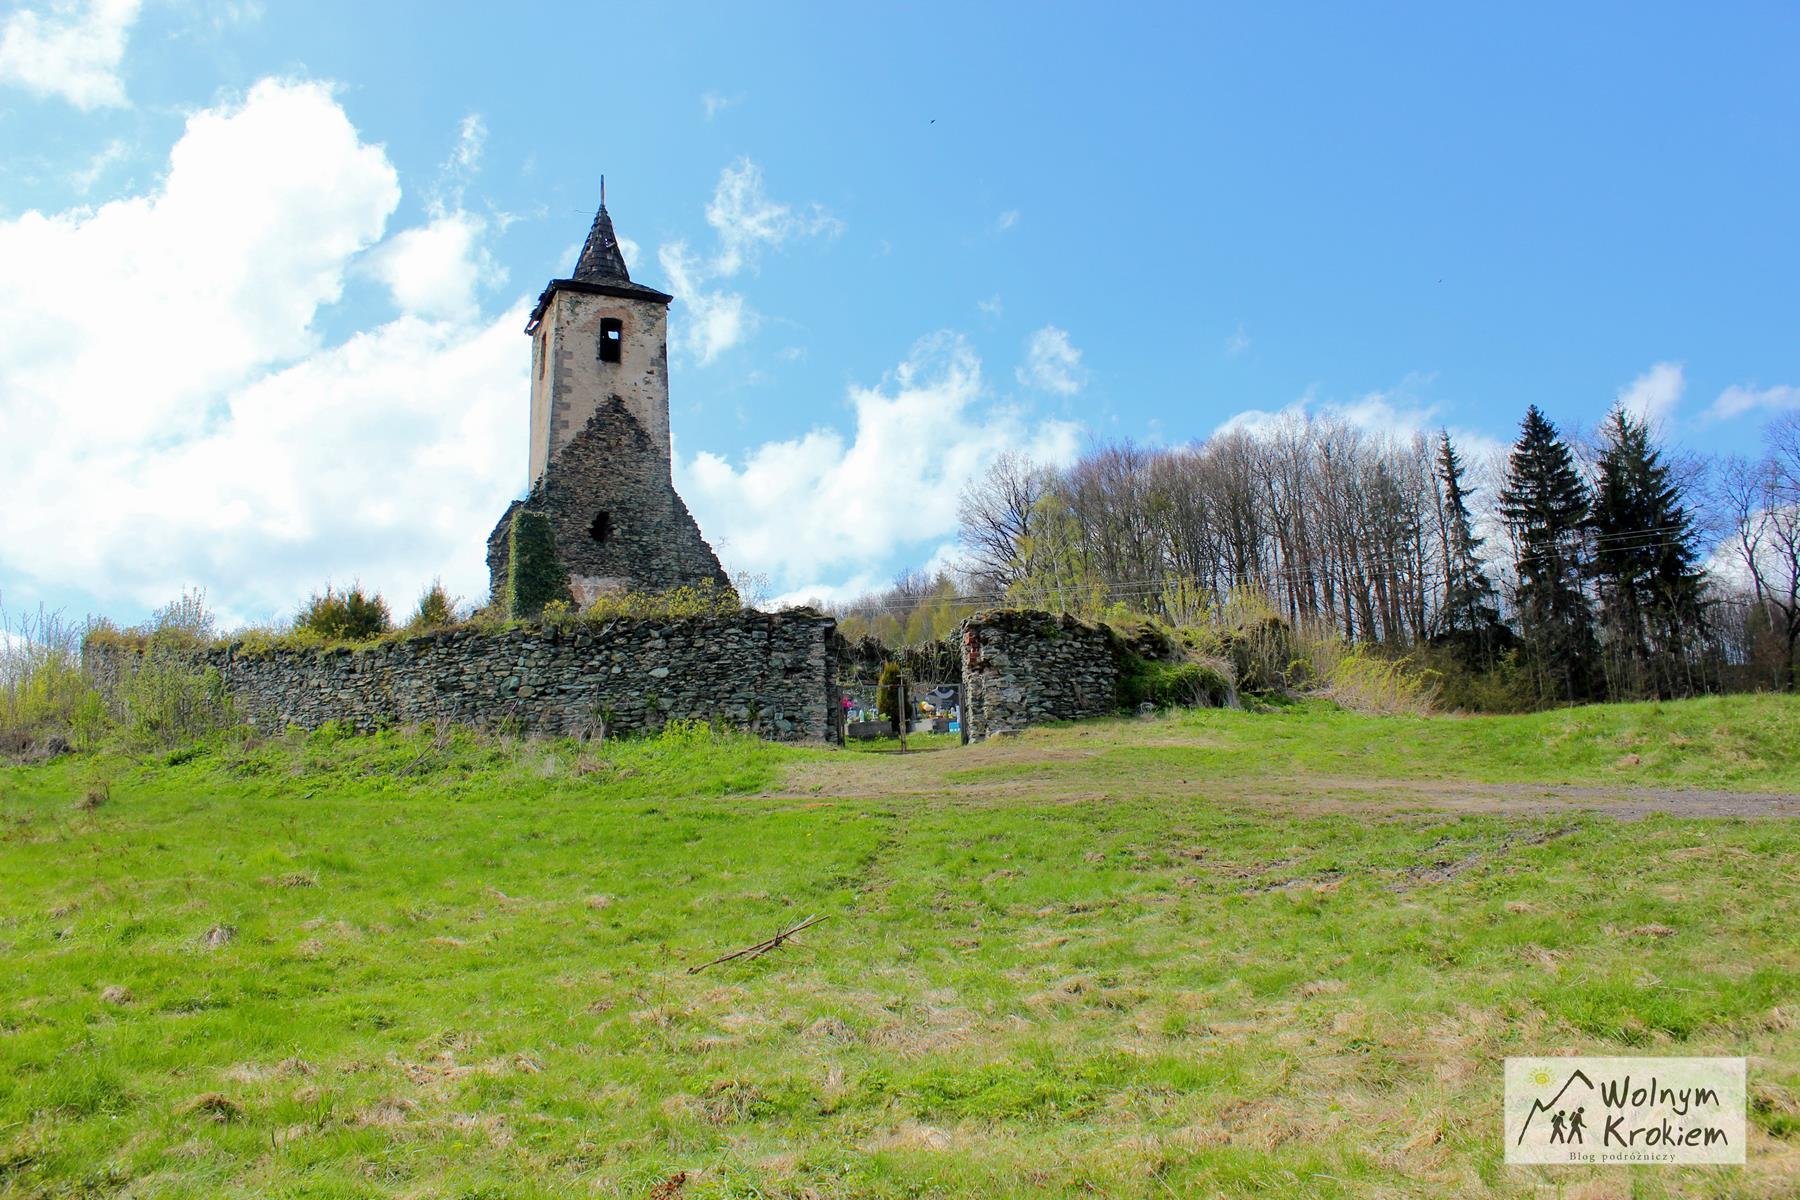 Opuszczona wieża kościelna na cmentarzu